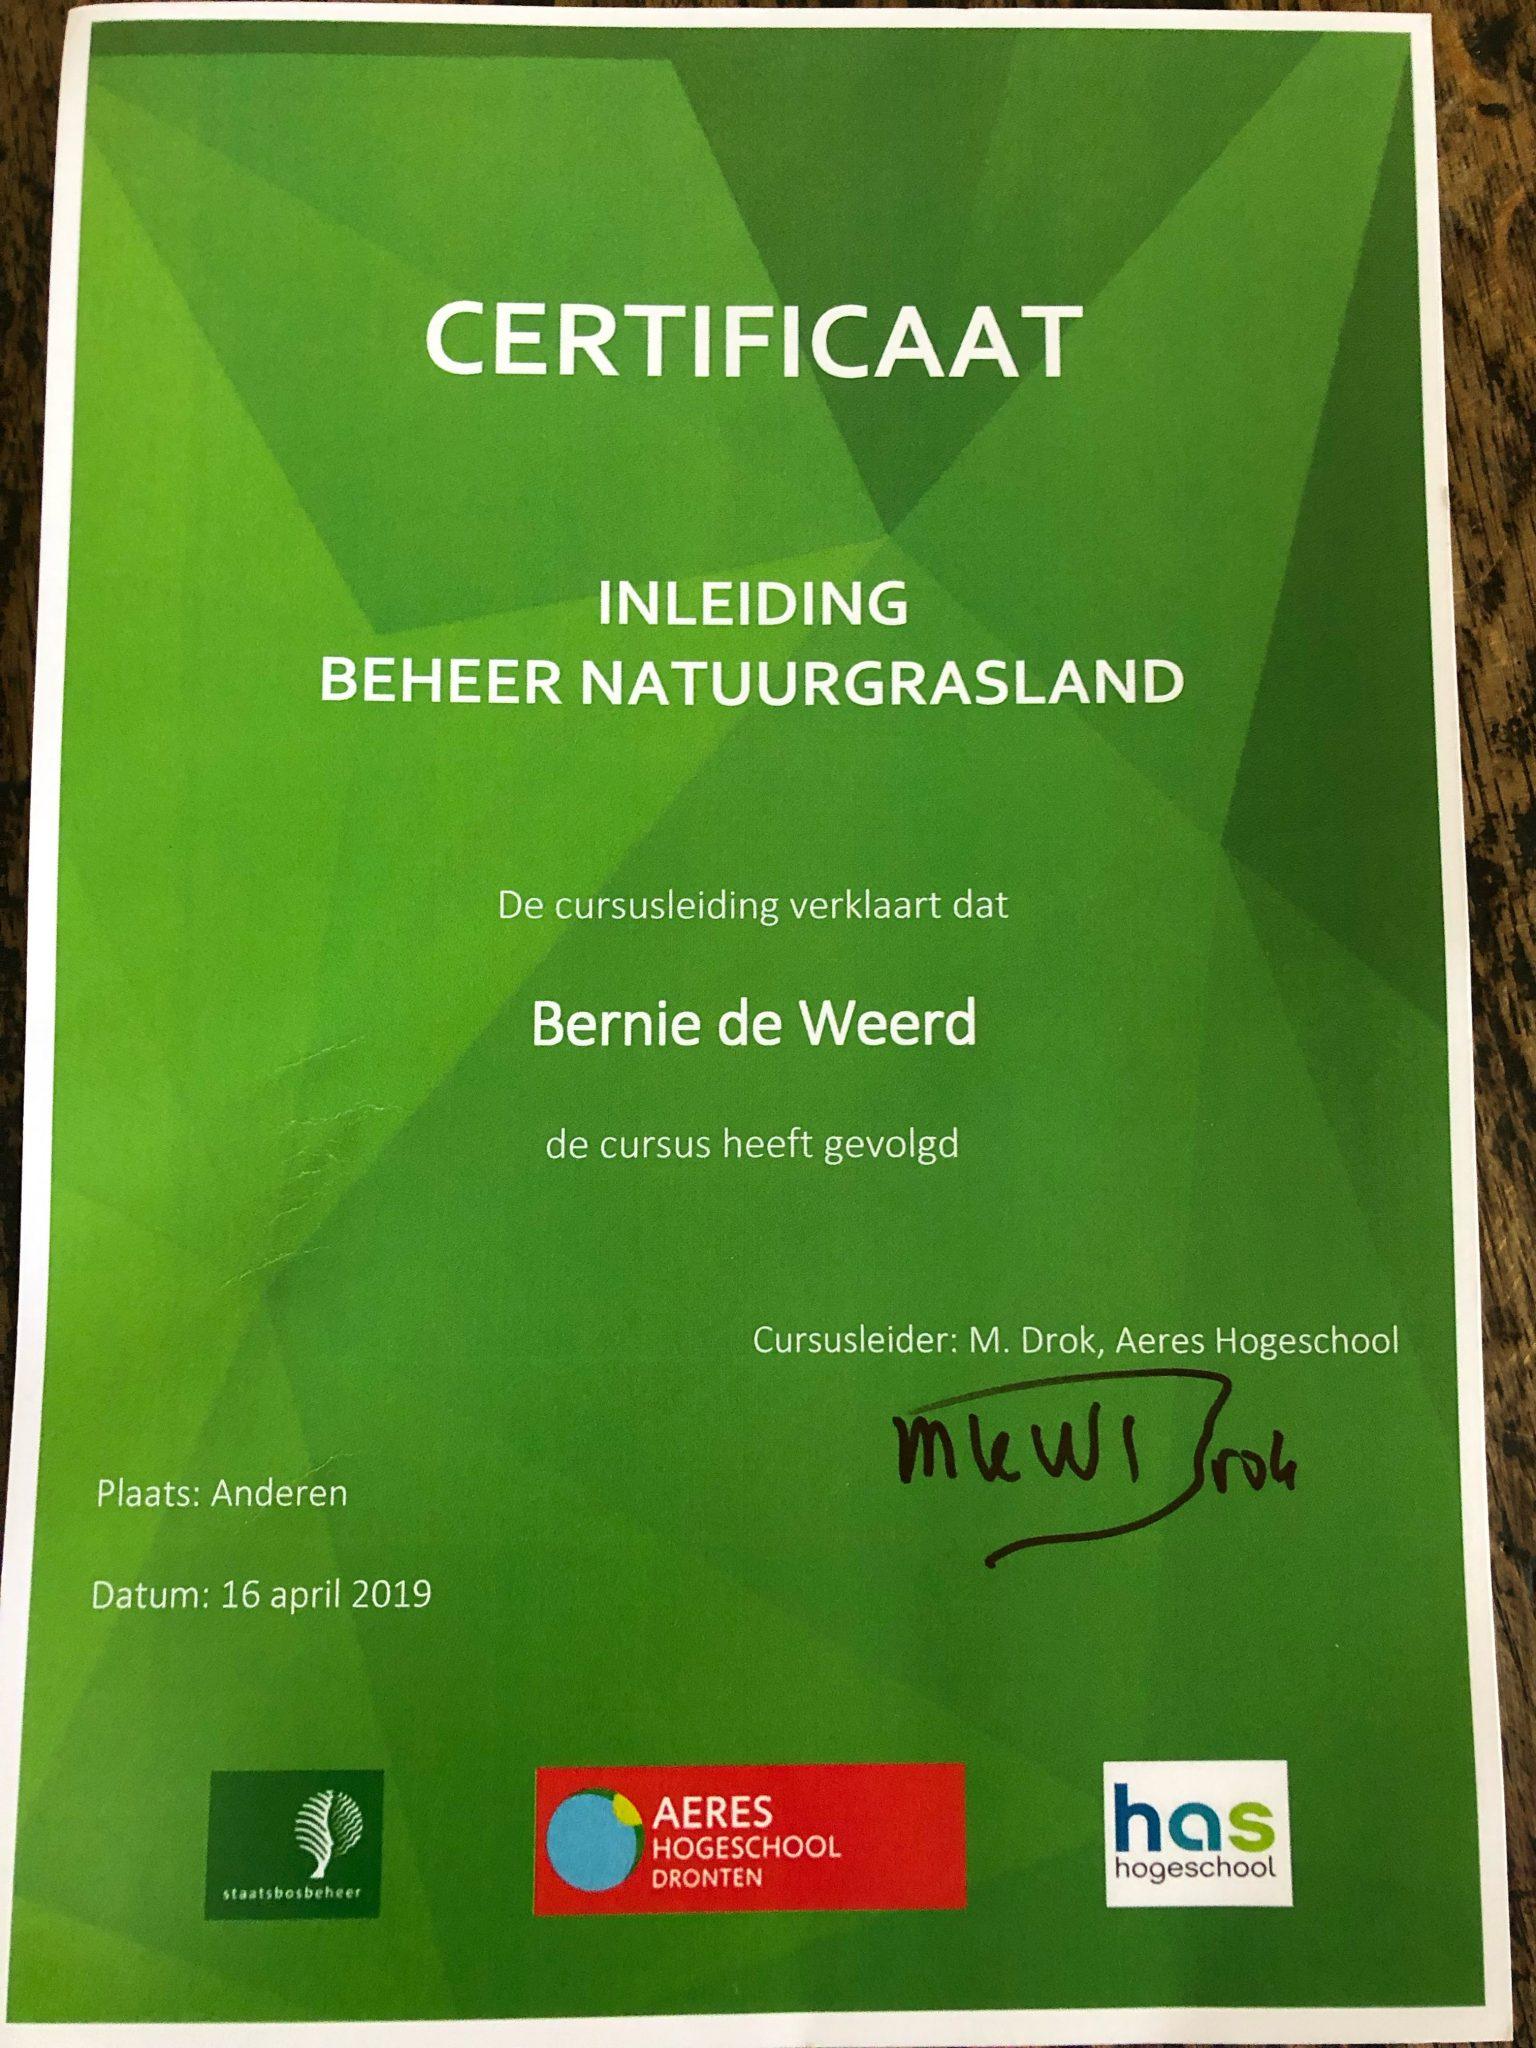 Bernie de Weerd gecertificeerd voor beheer Natuurgrasland